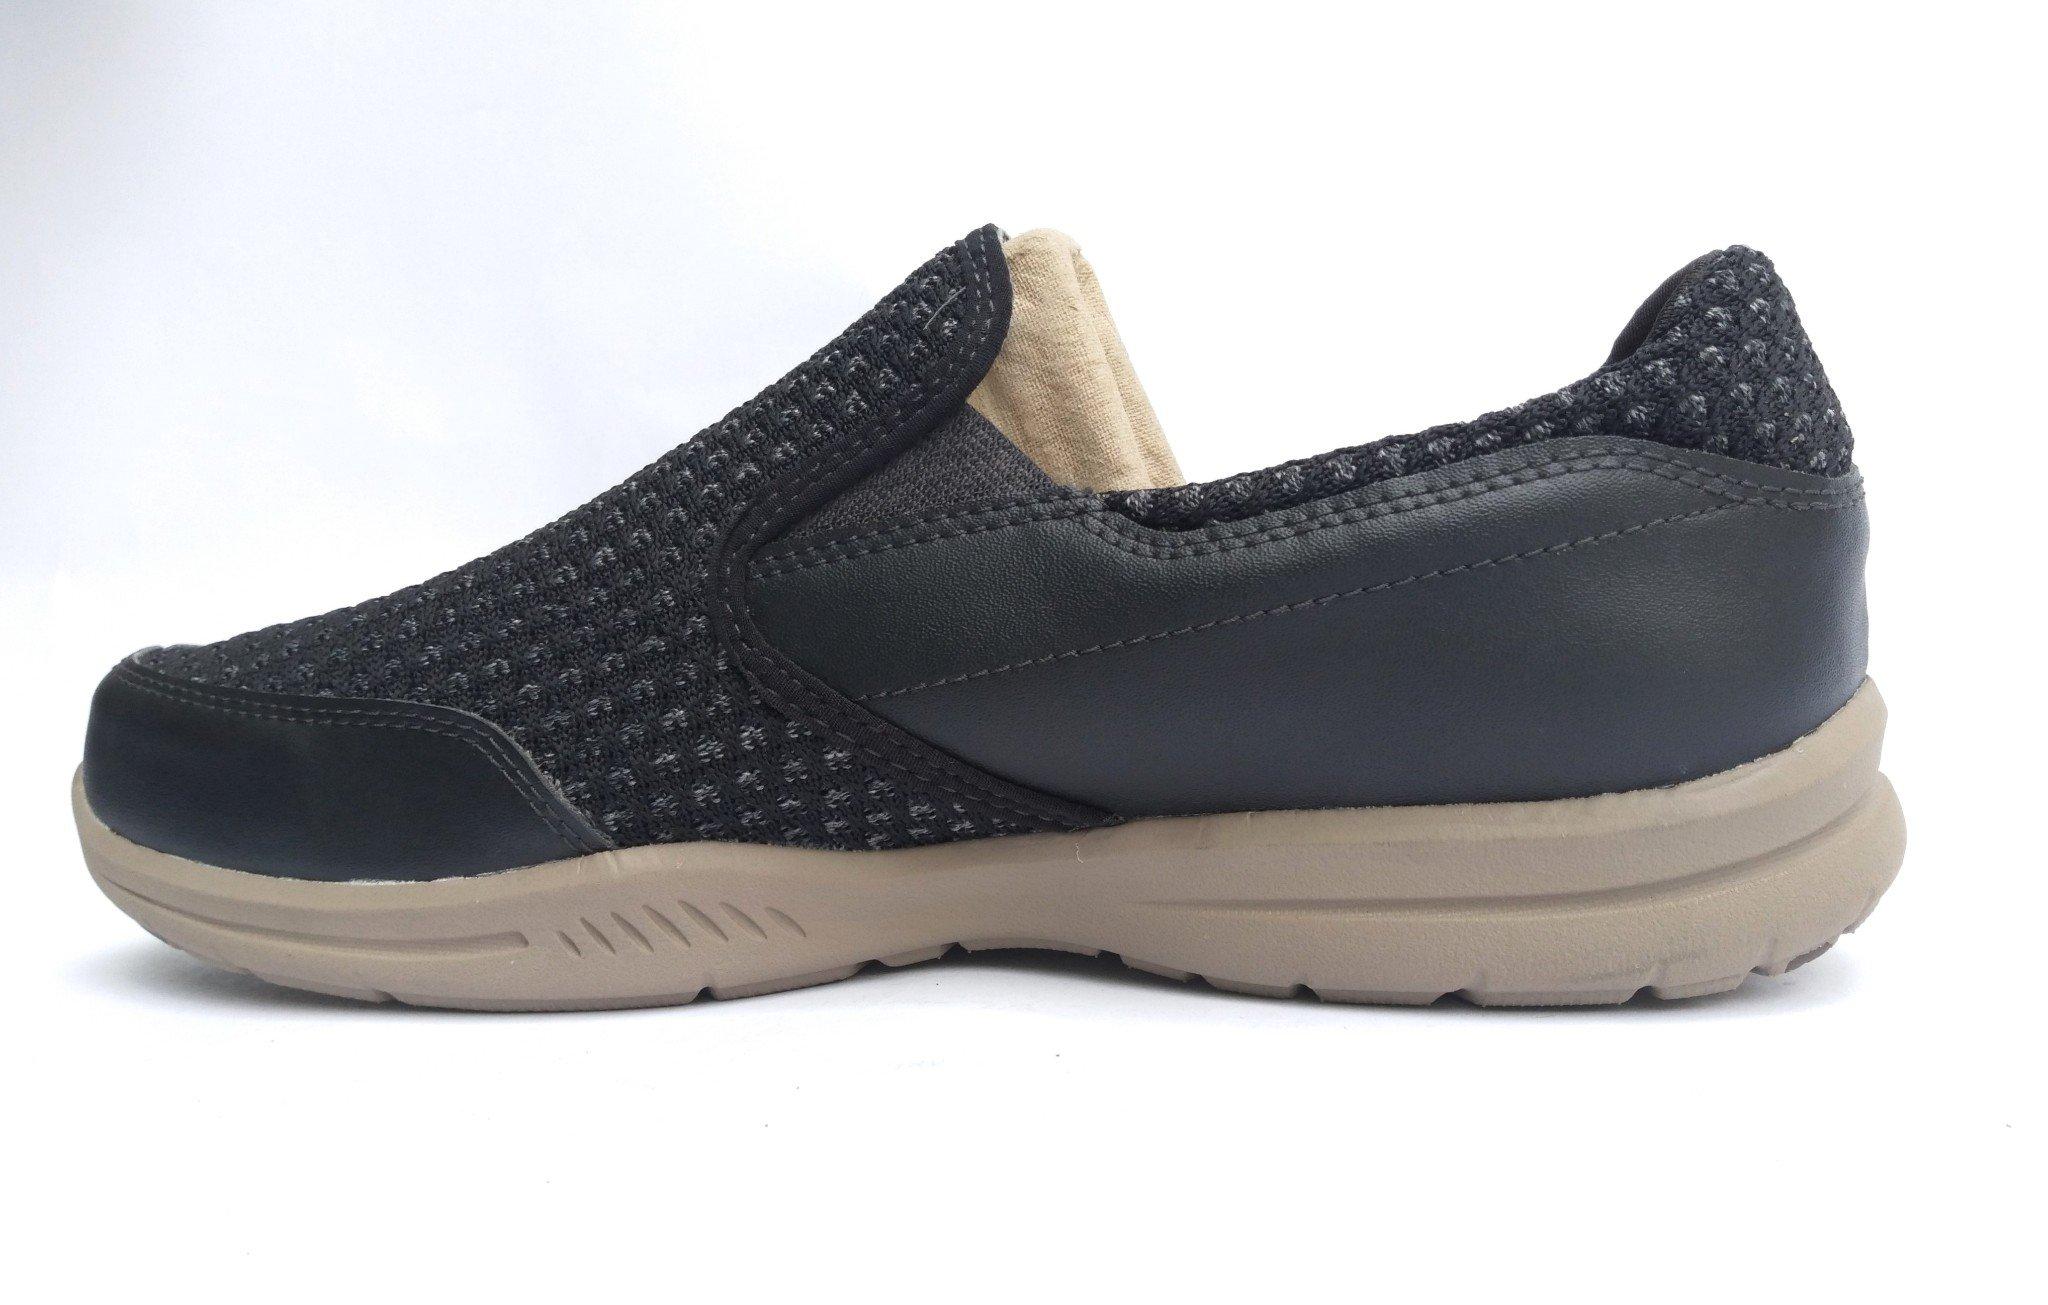 giày không dây ngoại cỡ 45 46 47 48